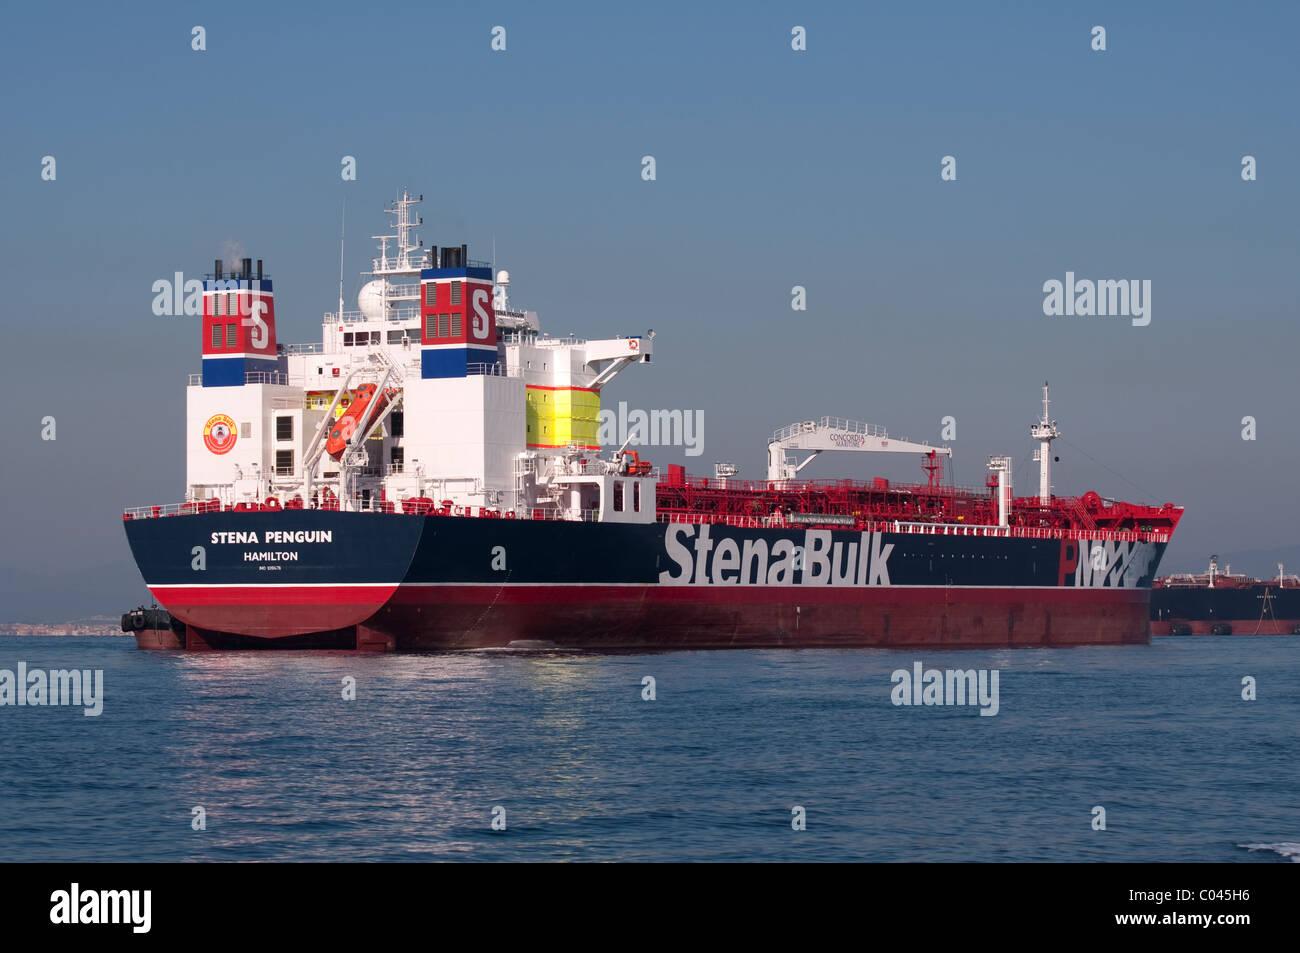 Stena Bulk tanker anchored in the bay of Gibraltar - Stock Image